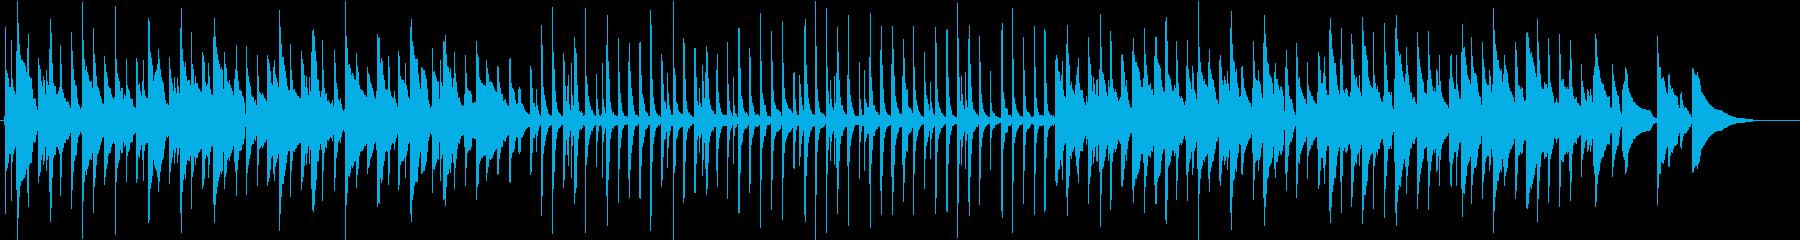 アメイジング・グレイス アコギ生演奏の再生済みの波形